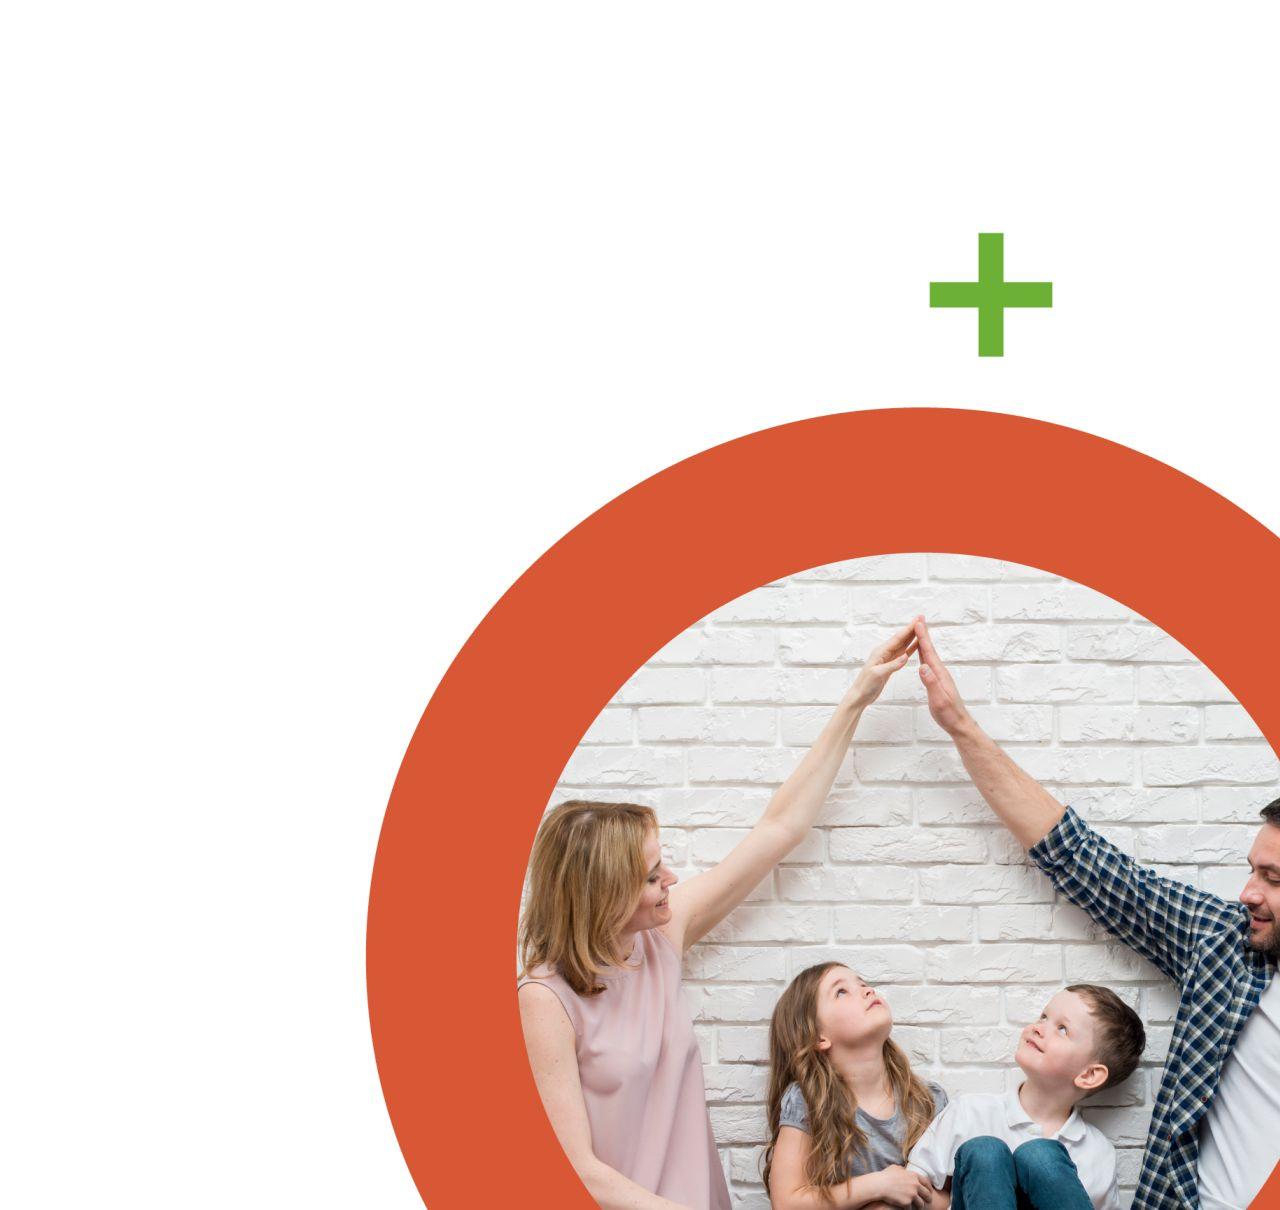 Curso de Inteligencia Emocional para padres ADE - Curso de Inteligencia Emocional para padres 2021